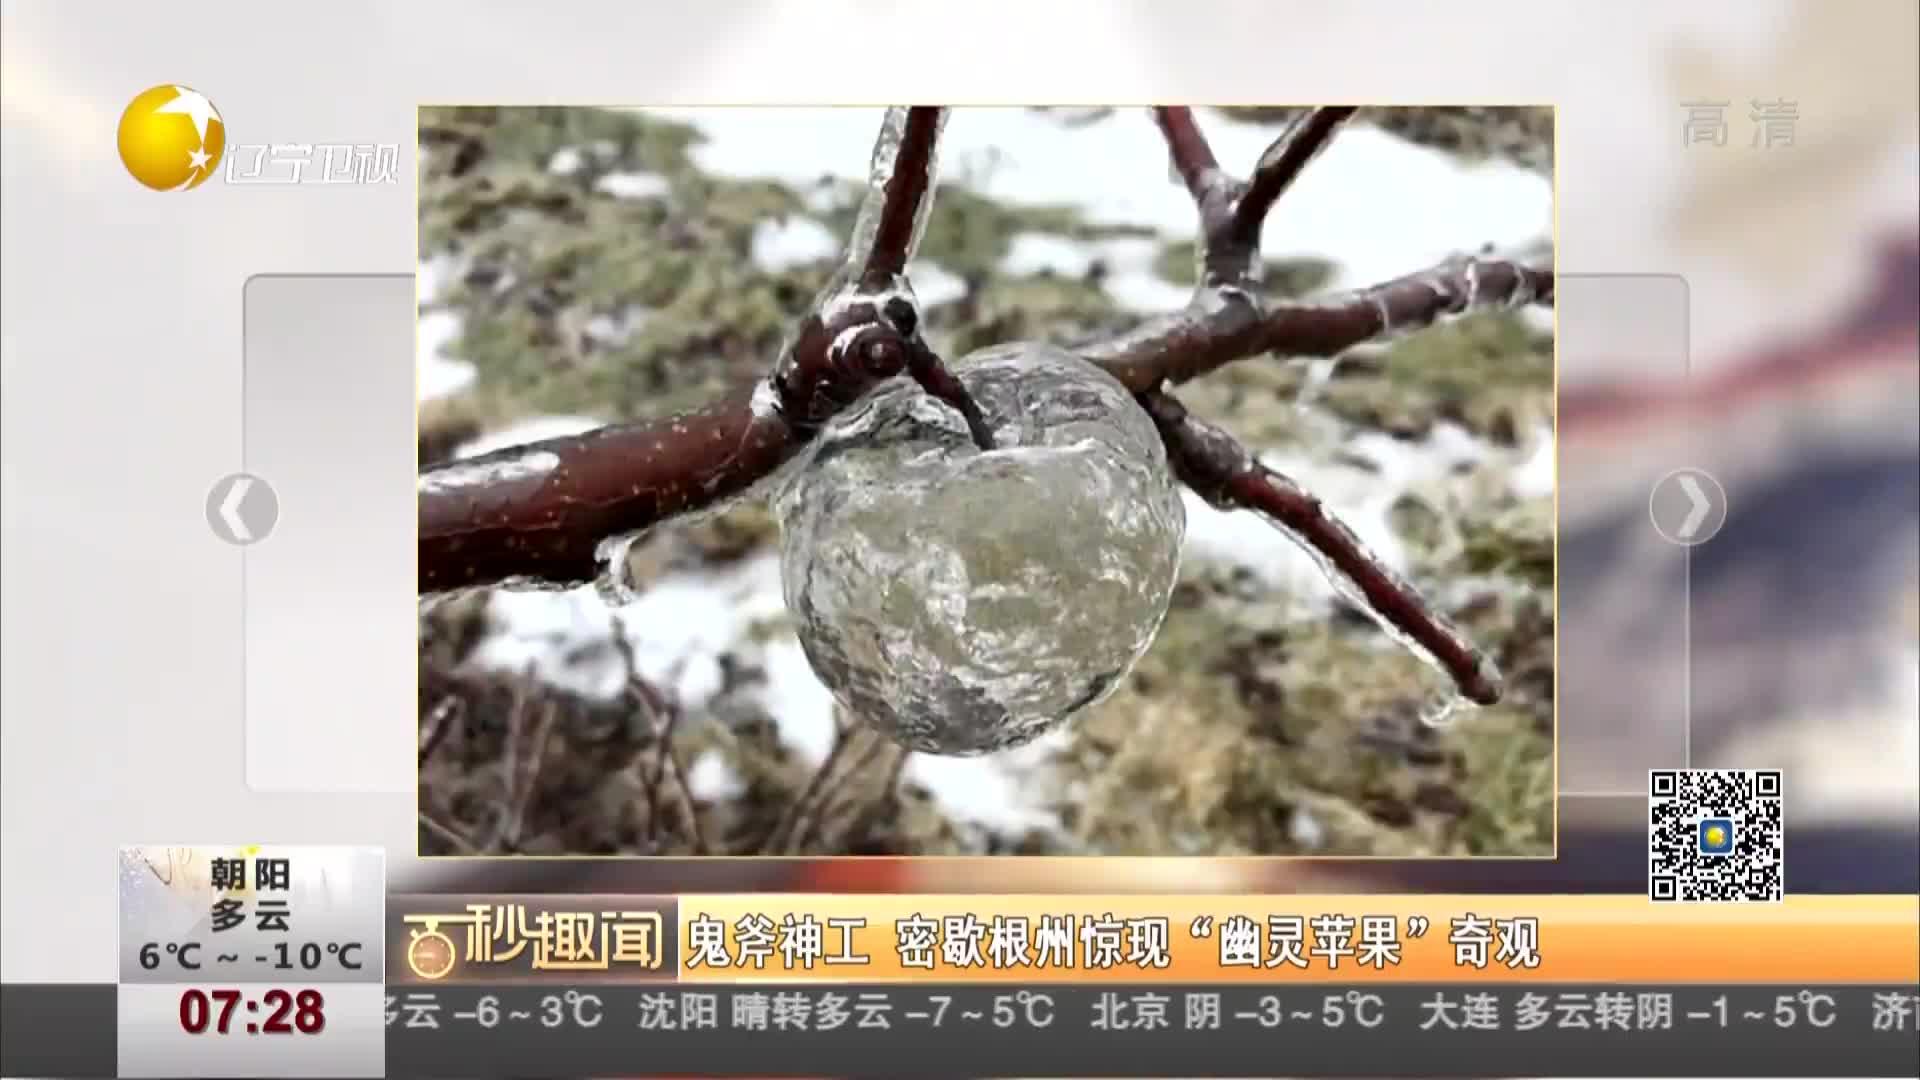 """[视频]鬼斧神工 密歇根州惊现""""幽灵苹果""""奇观"""